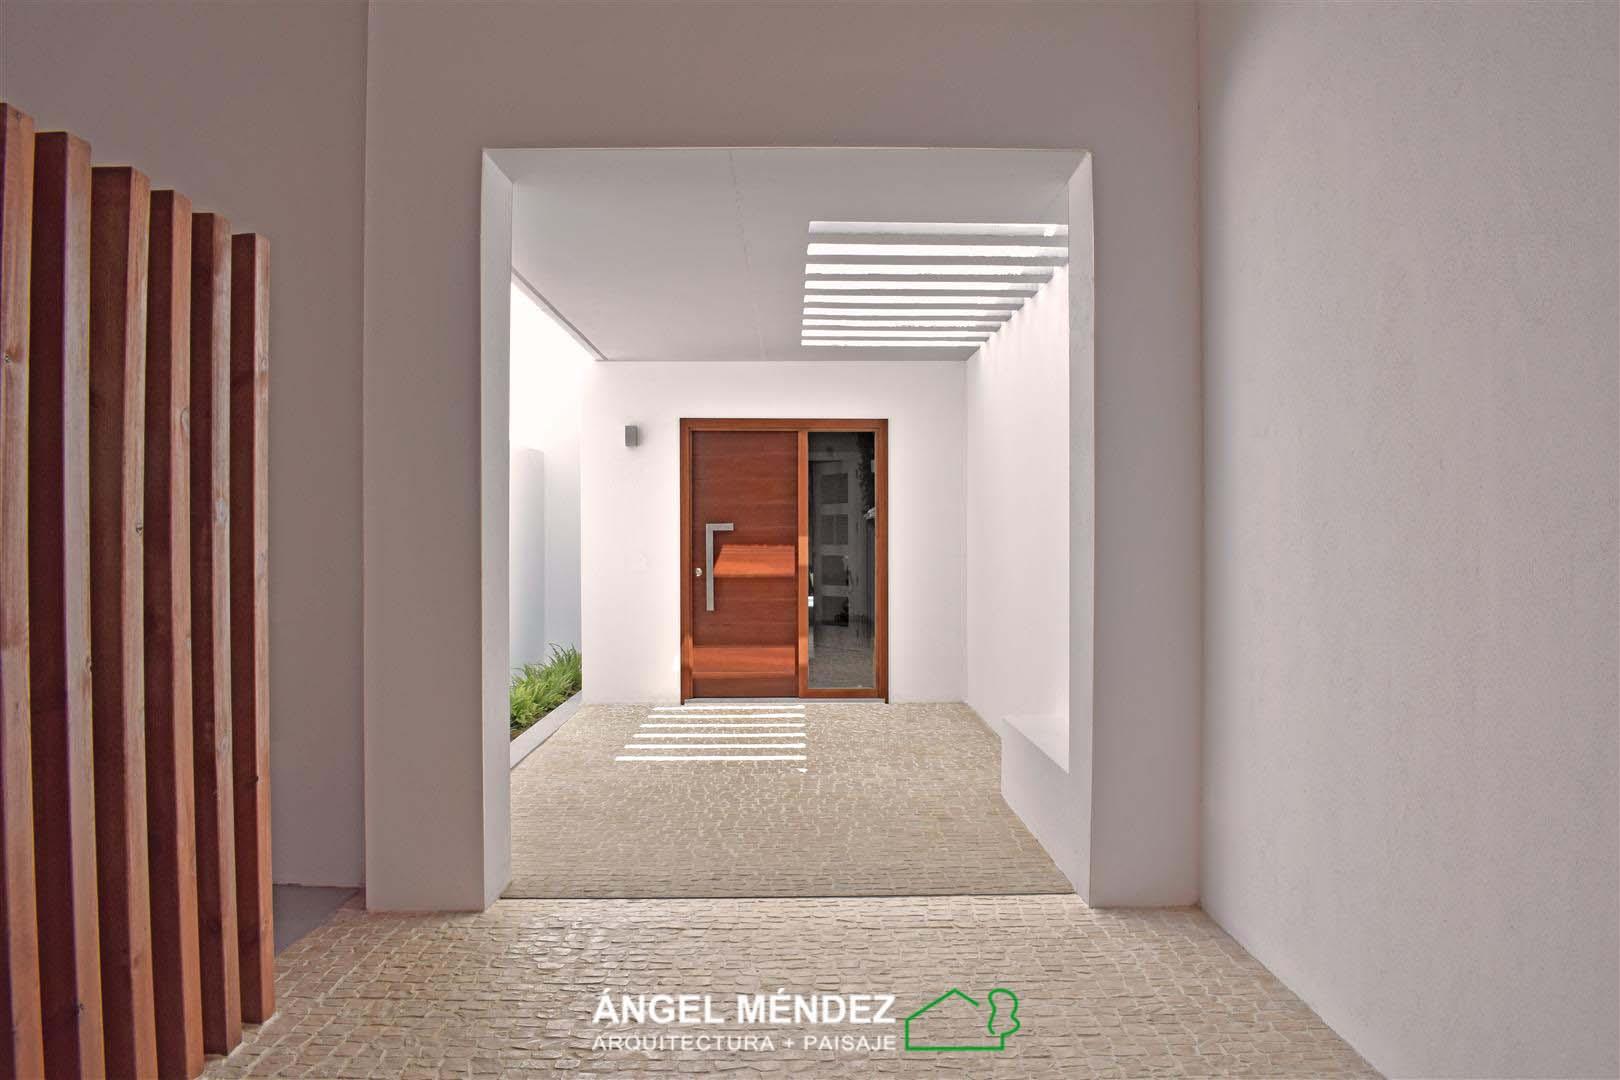 proyectos casas con jardín, viviendas sostenibles, viviendas verdes, arquitectura y paisaje, arquitectos paisajistas, proyectos on-line, arquitectura del paisaje, ideas viviendas con jardín